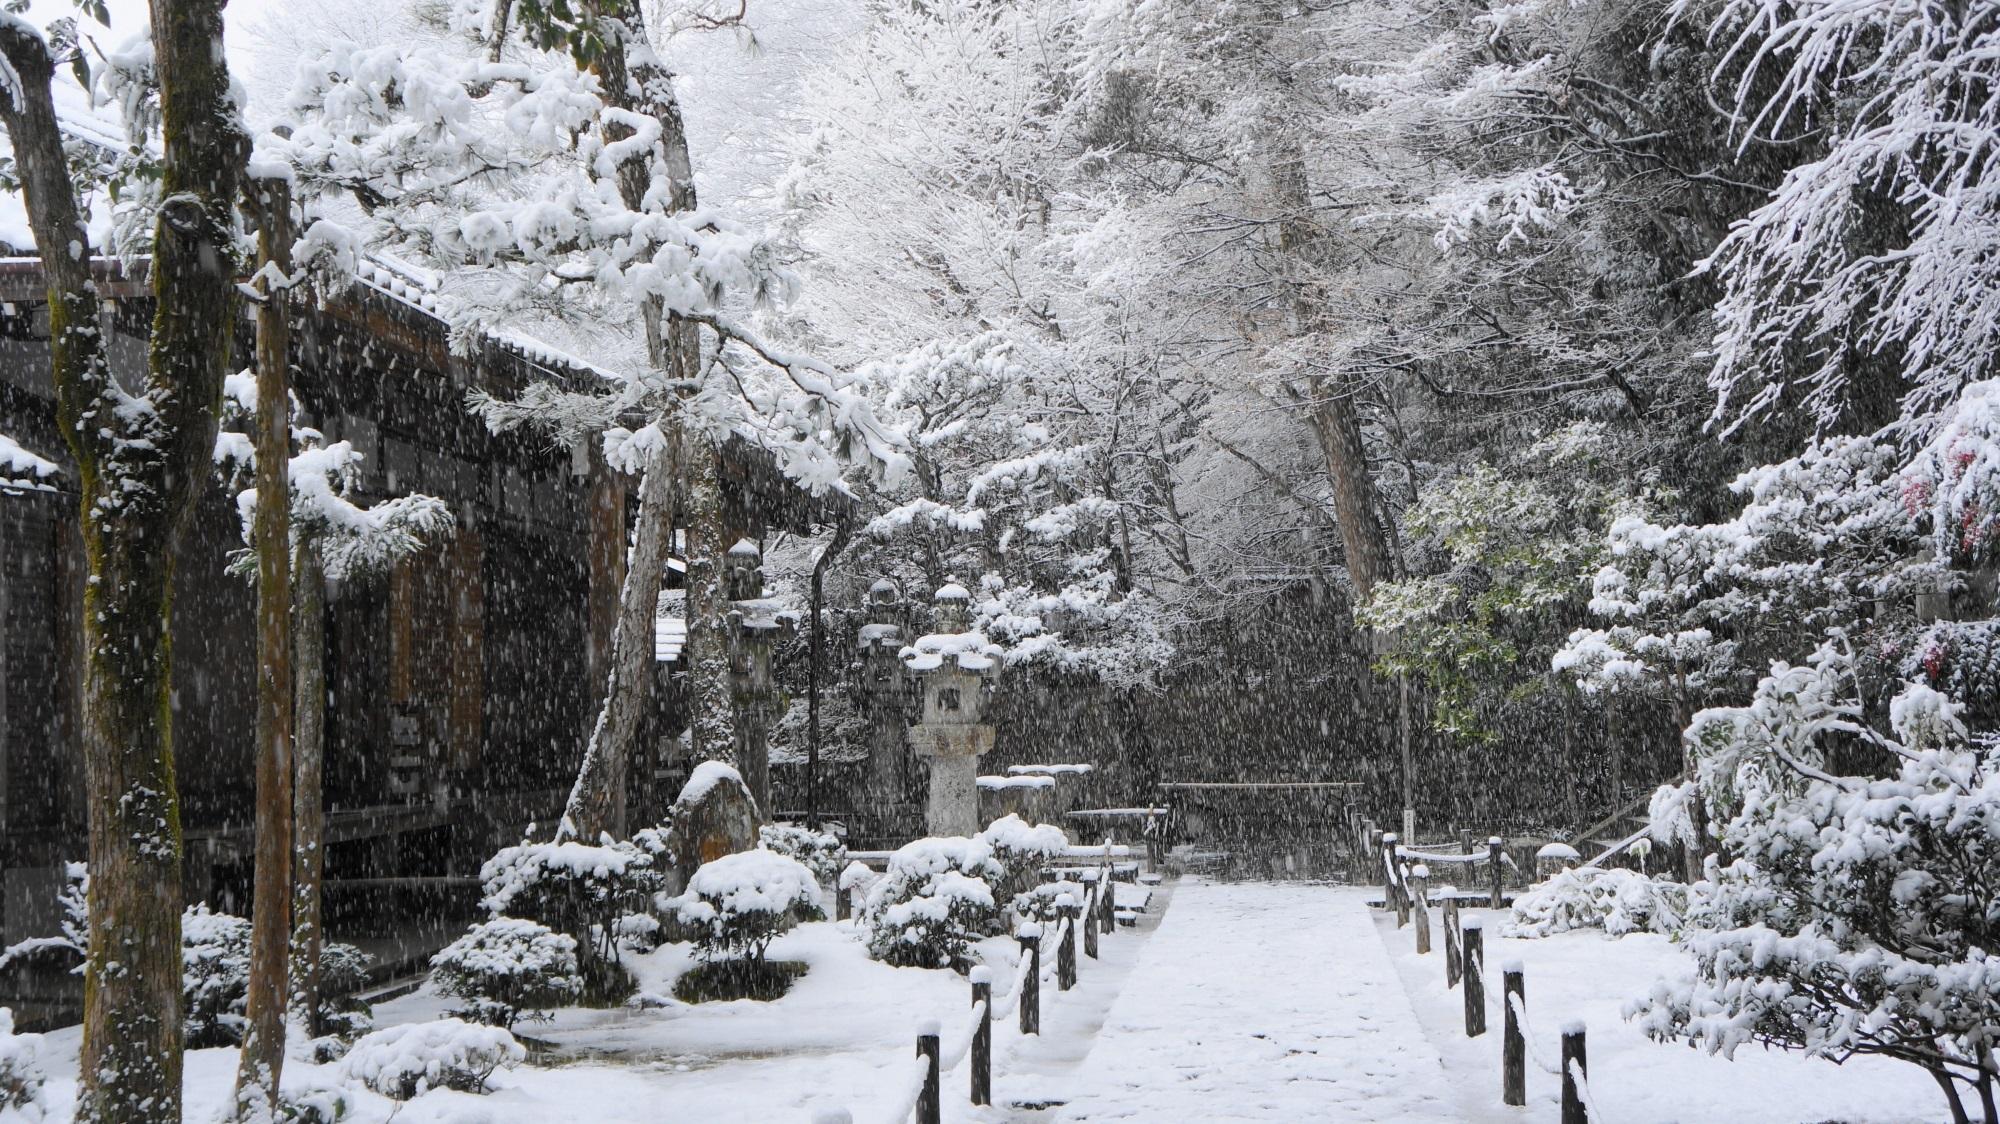 法然院の本堂前の雪景色